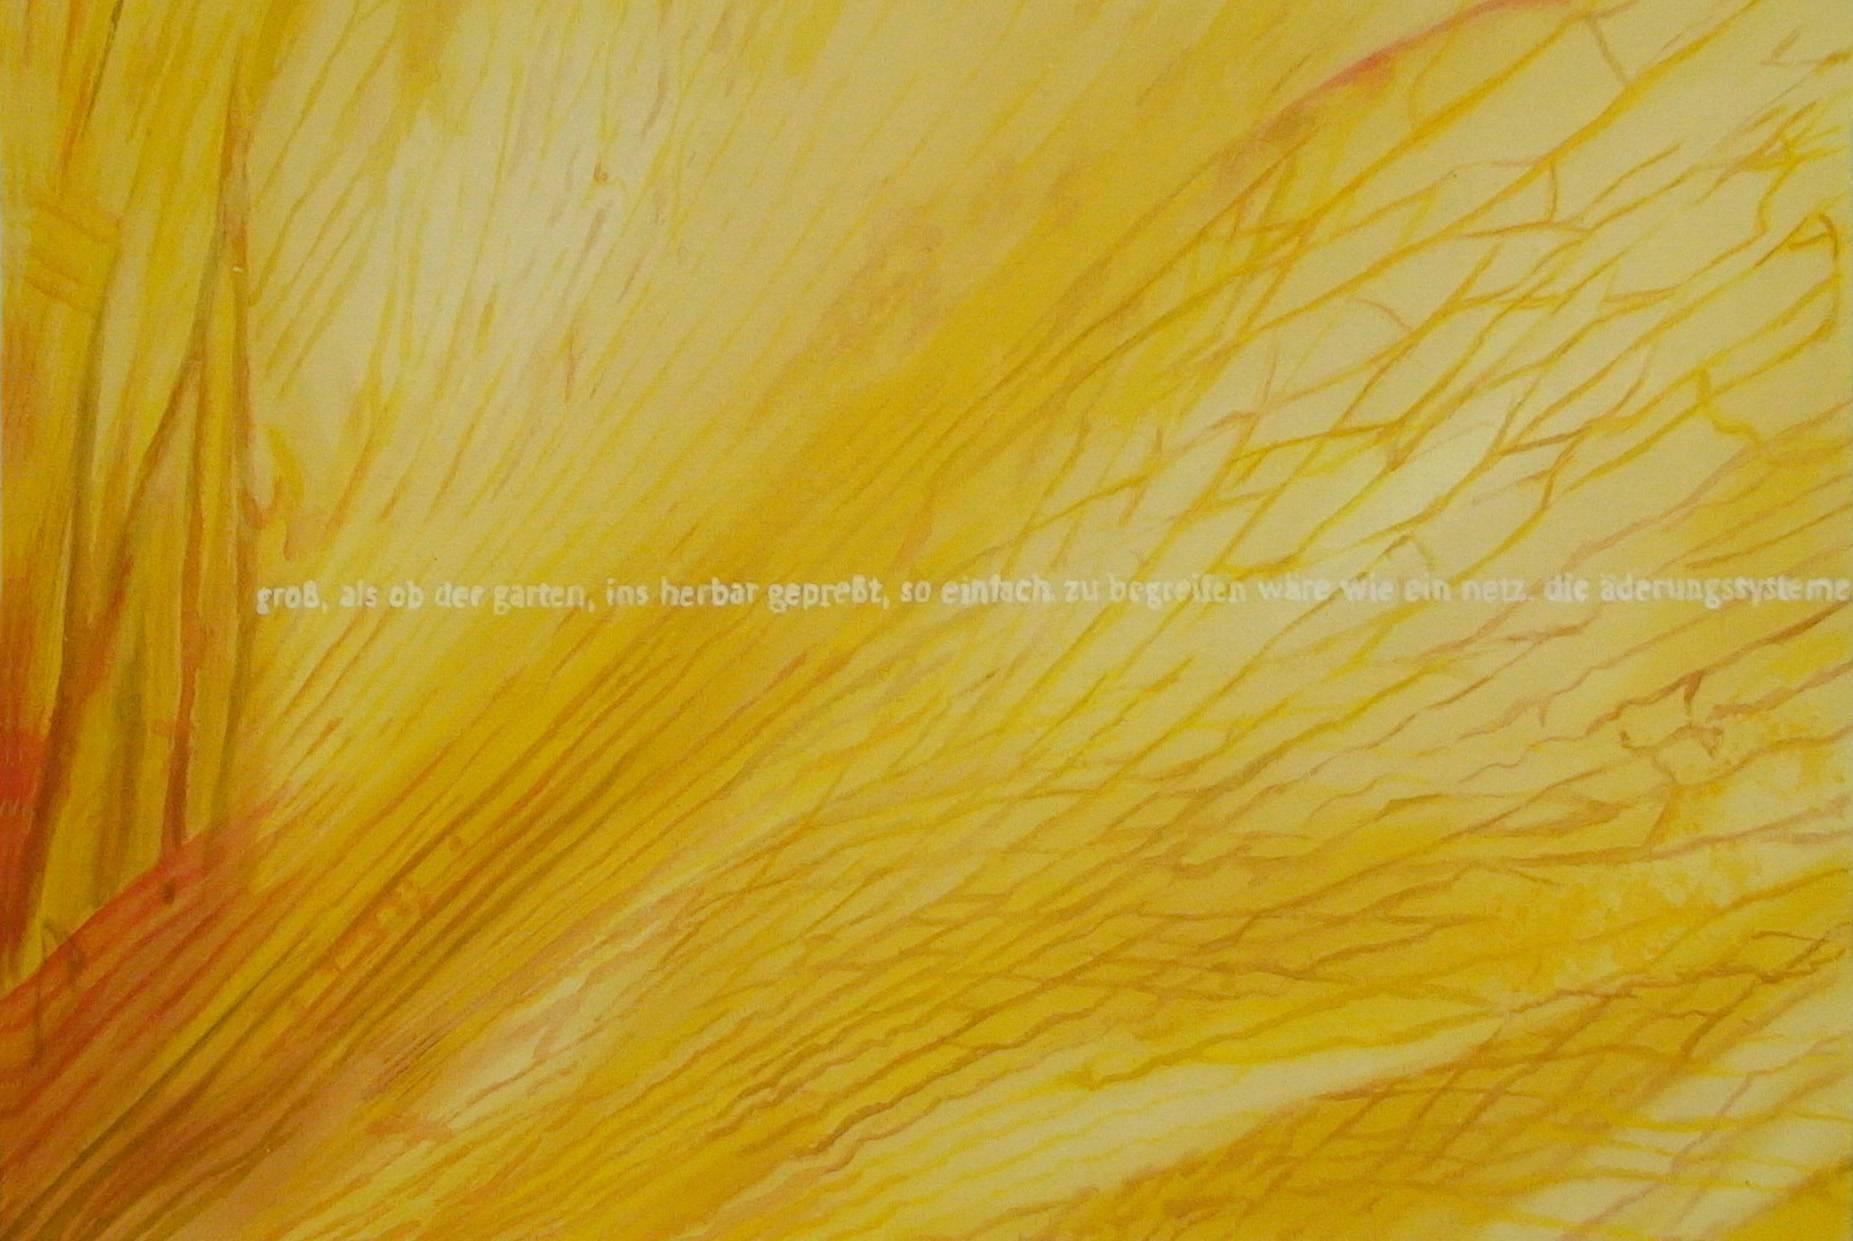 wie ein netz die äderungssysteme 2006 Aquarell-und Acrylfarbe a/Nessel 60 x 90 cm